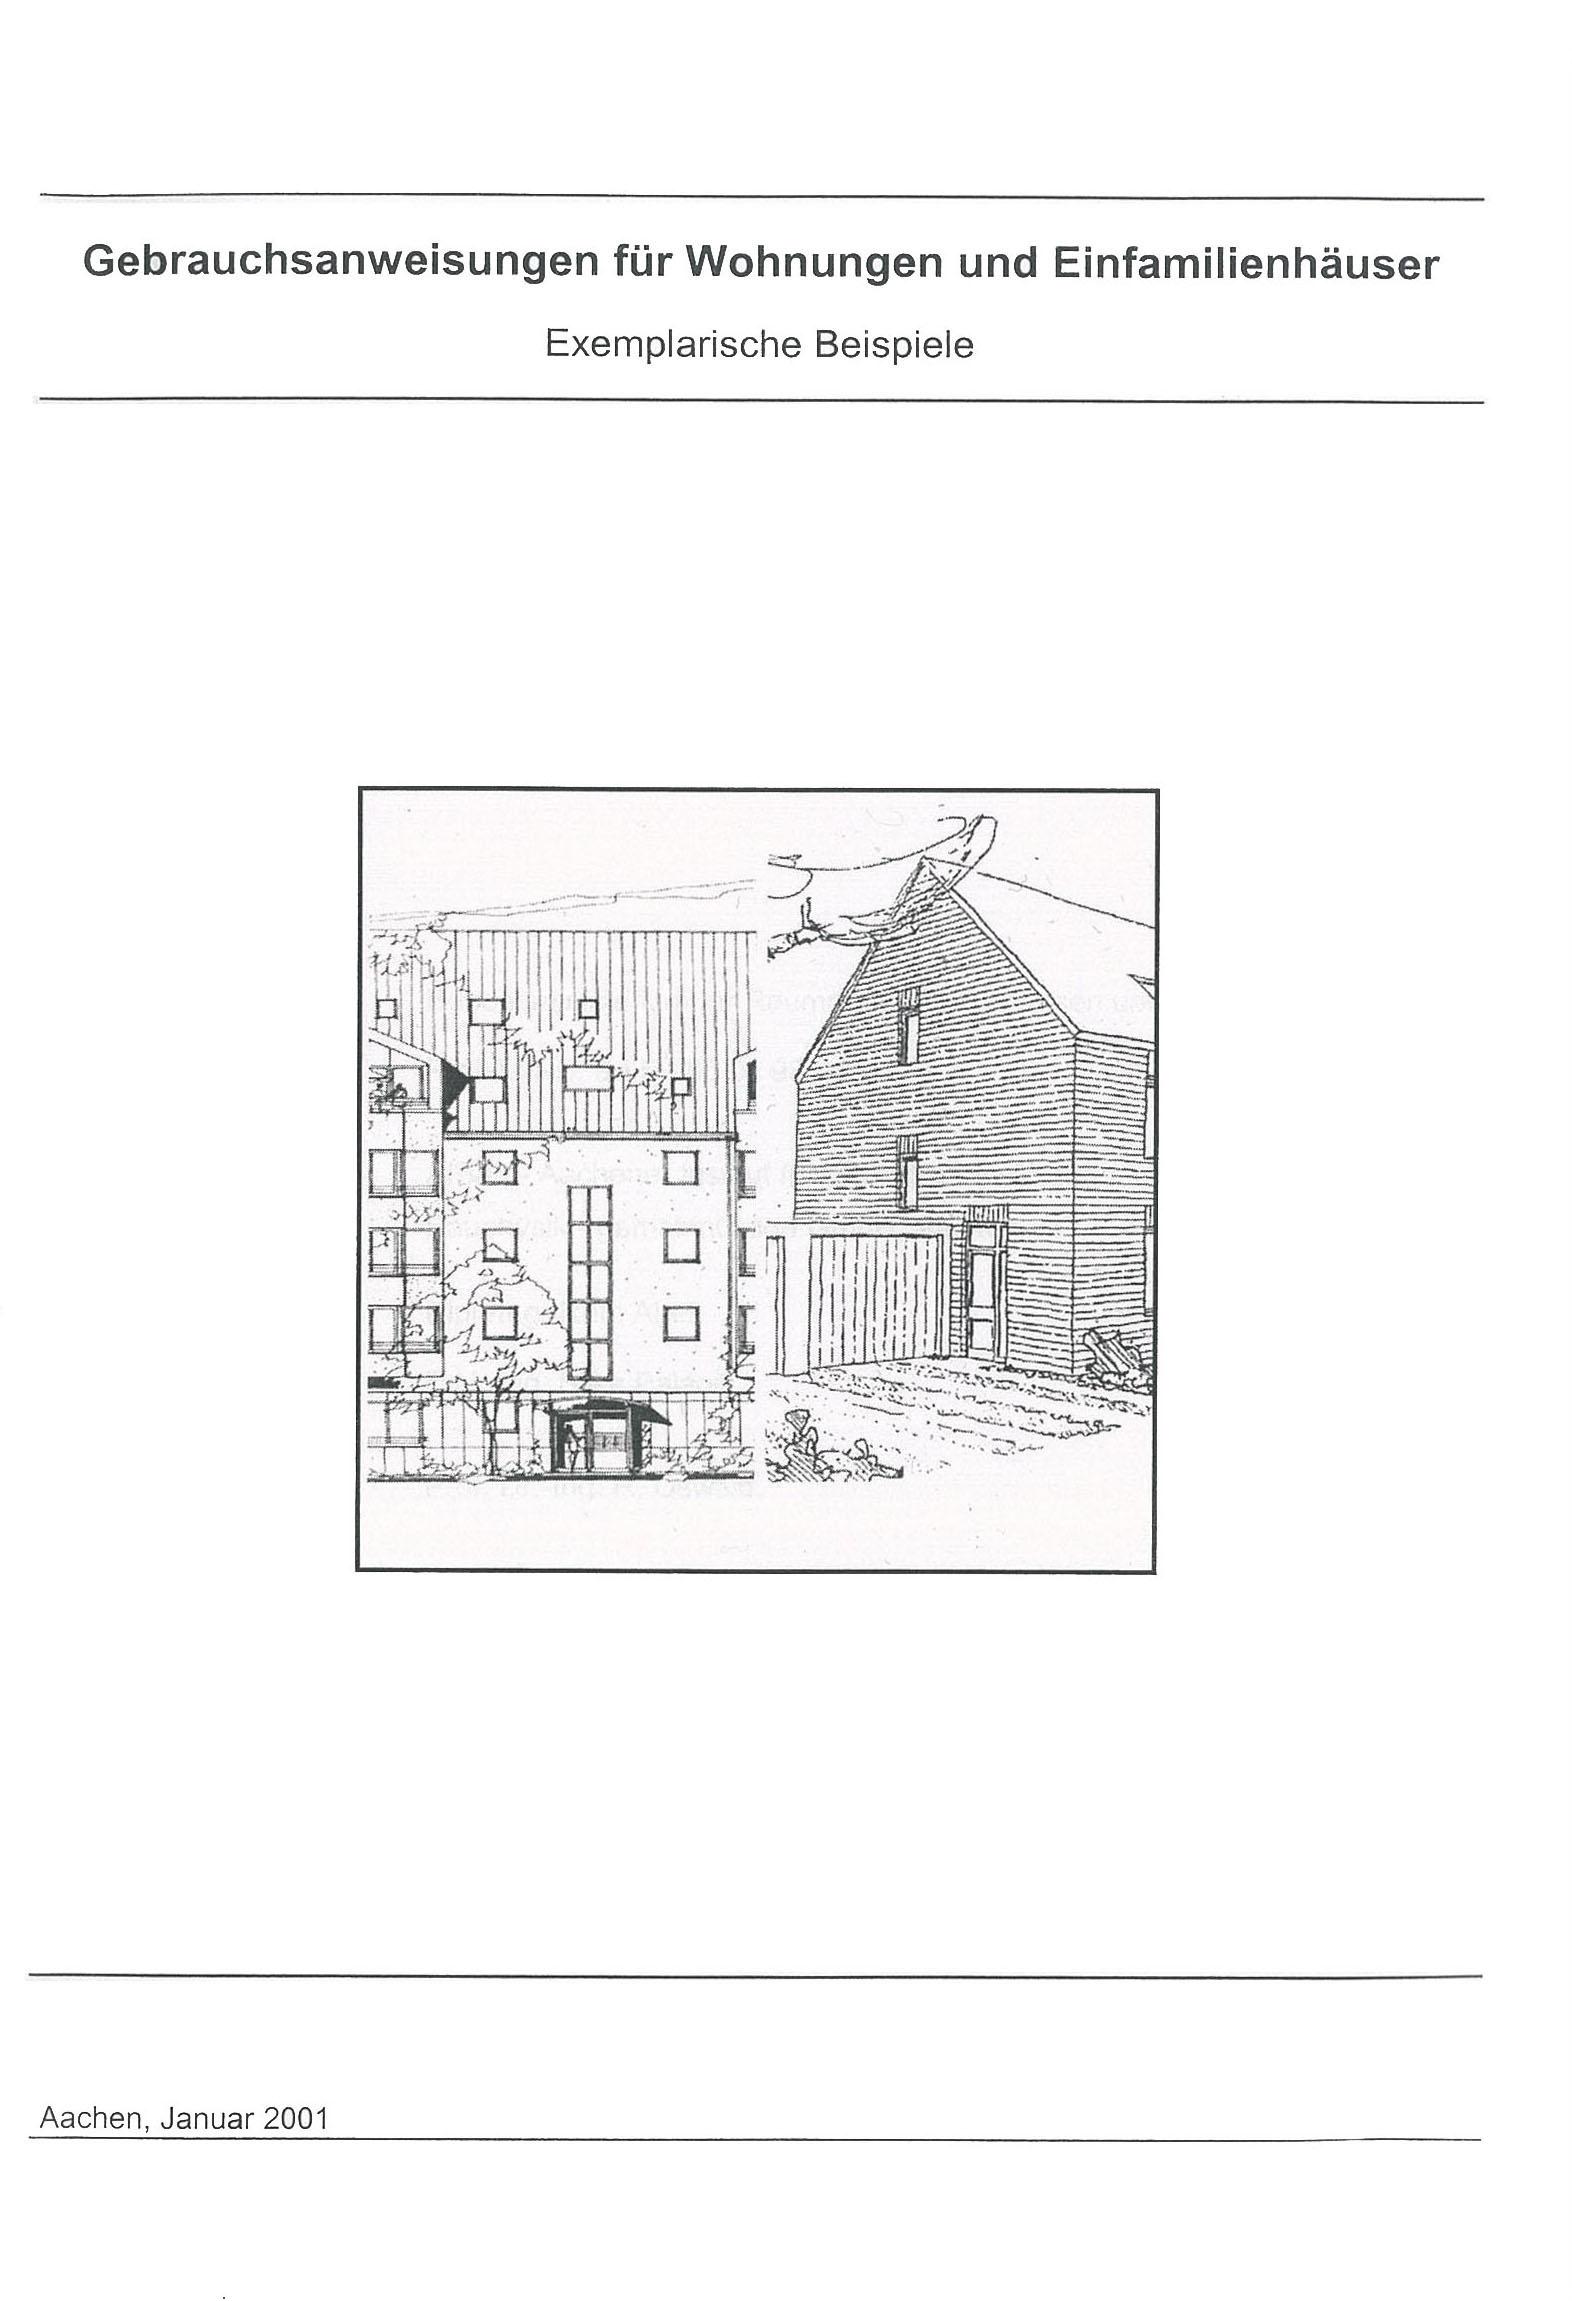 Gebrauchsanweisungen für Einfamilienhäuser – Exemplarische Beispiele